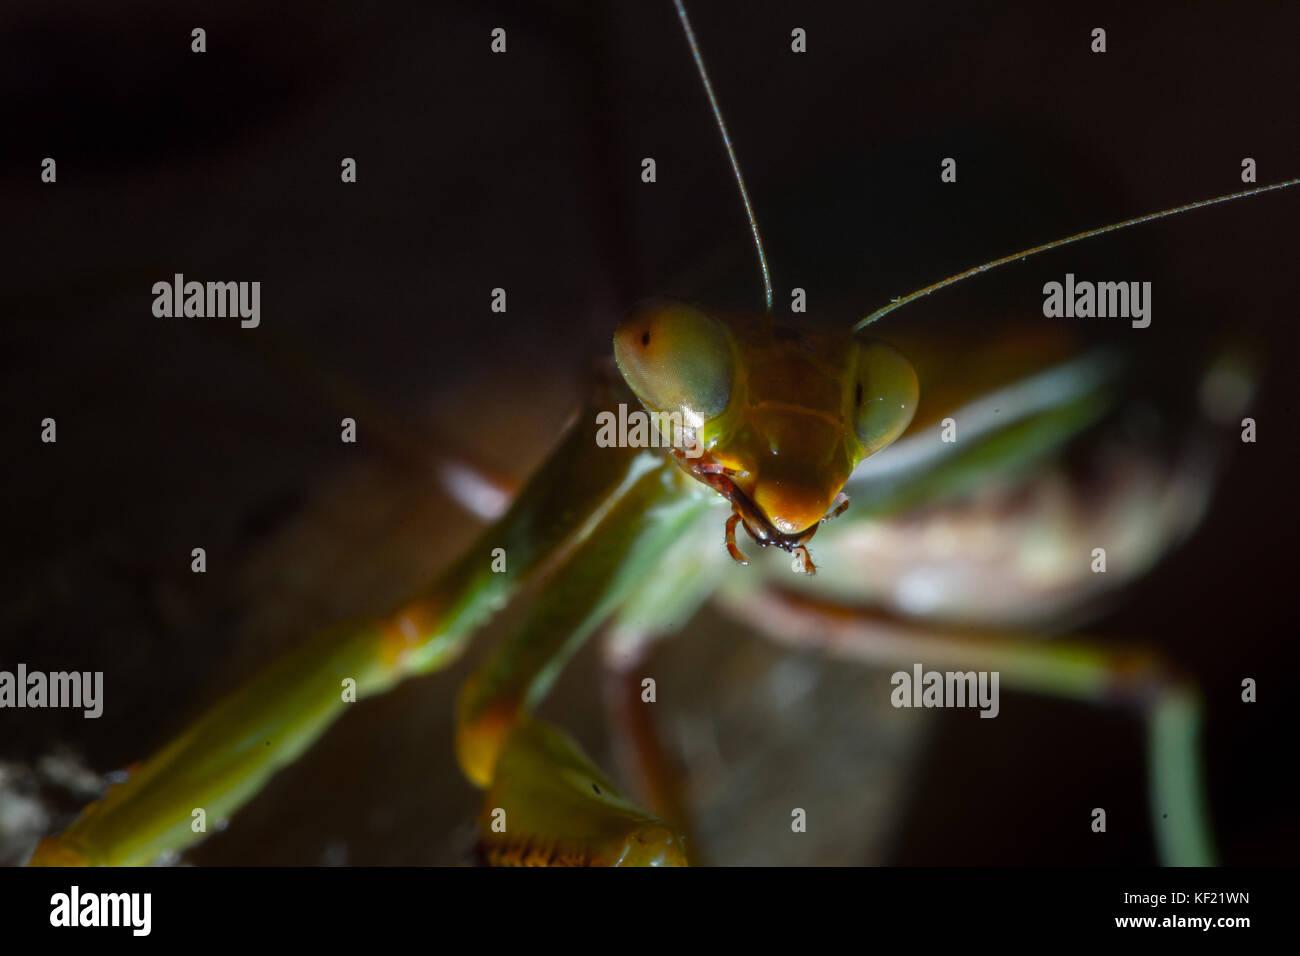 Le Mantis, macrophotographie vert commun ou prier mante mantis isolé sur fond noir. Photo Stock